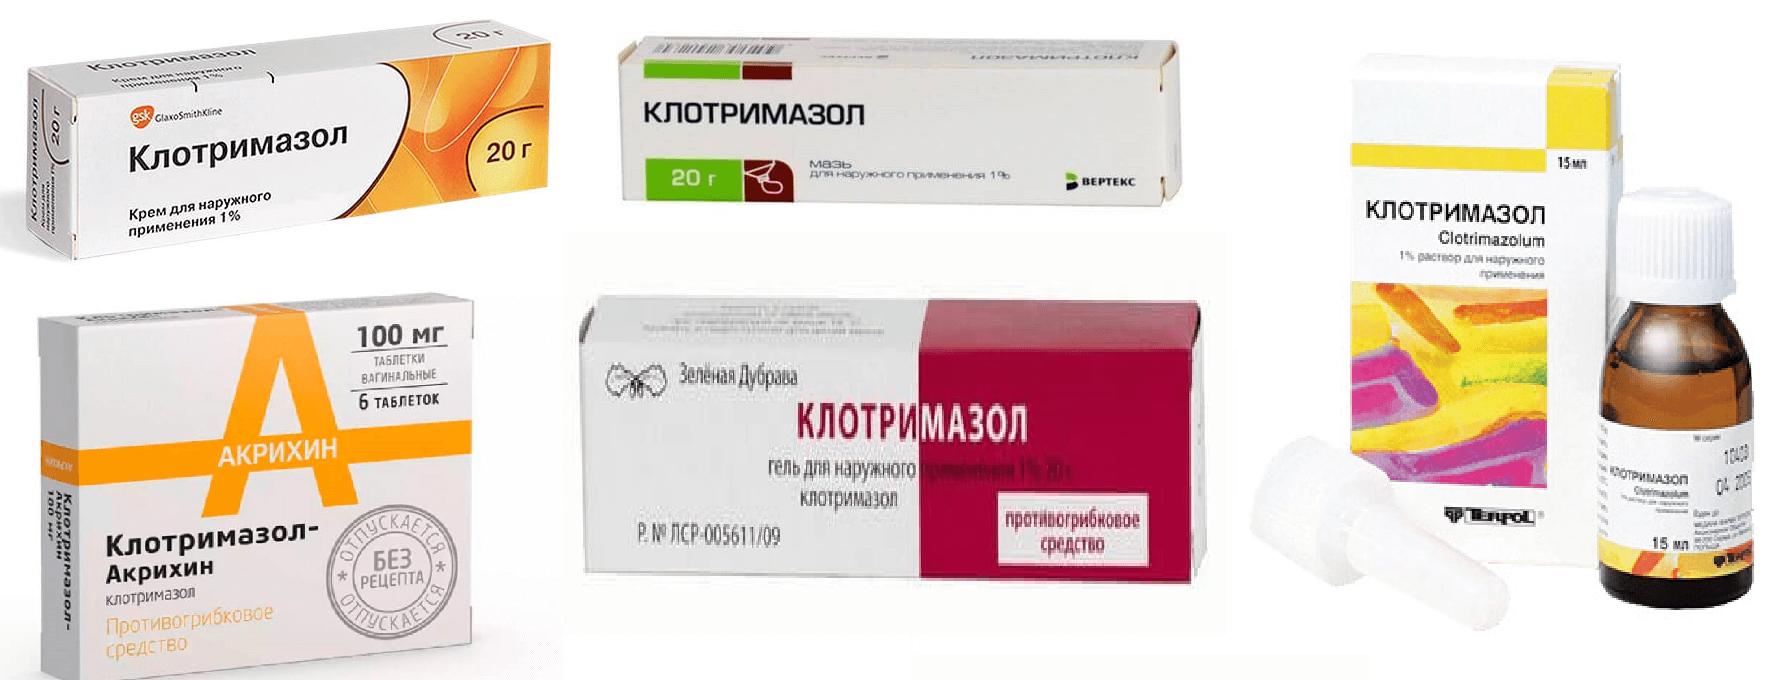 klotrimazol-krem-vaginalno